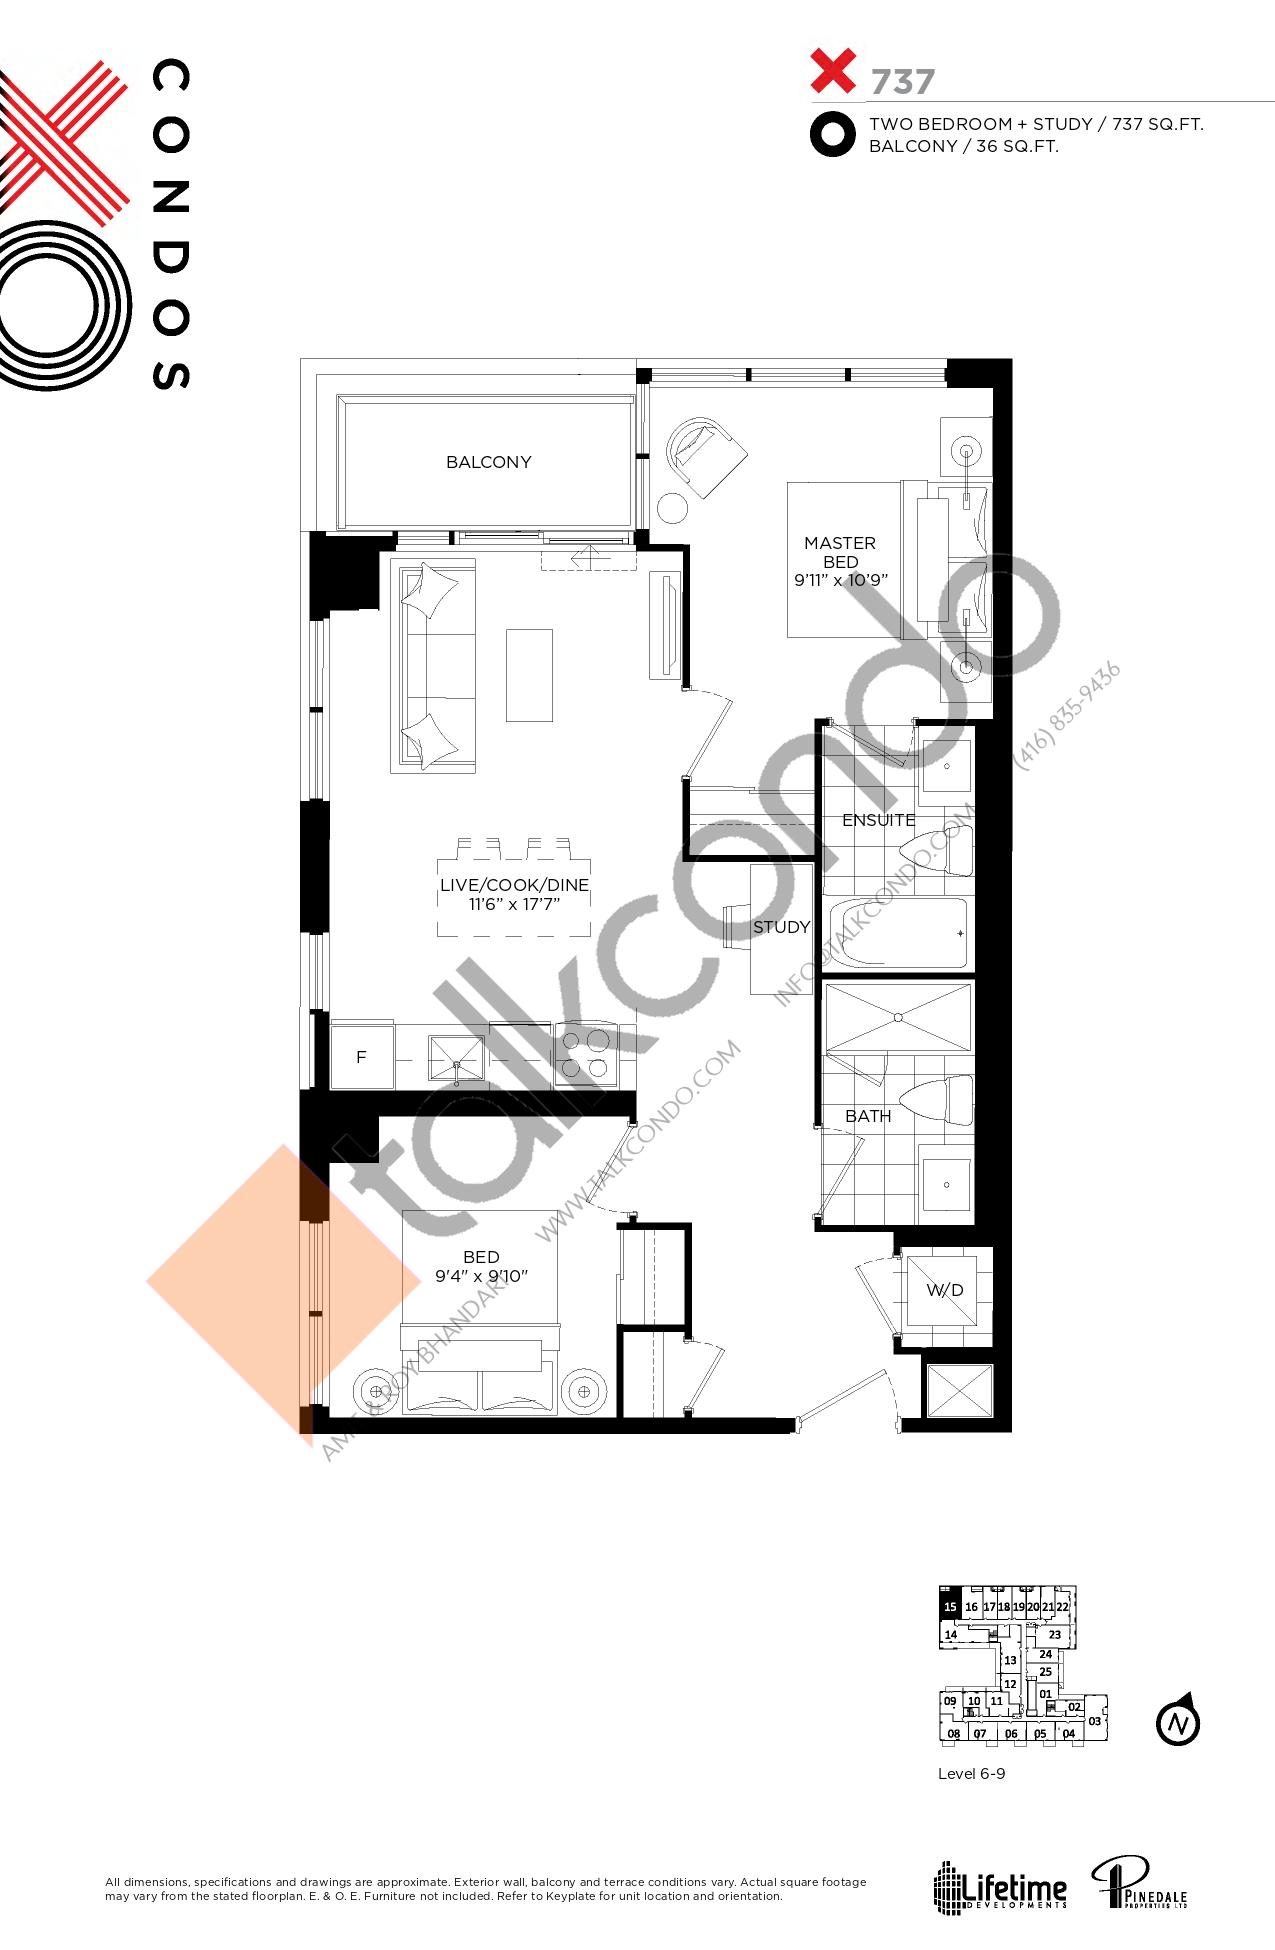 X737 Floor Plan at XO Condos - 737 sq.ft